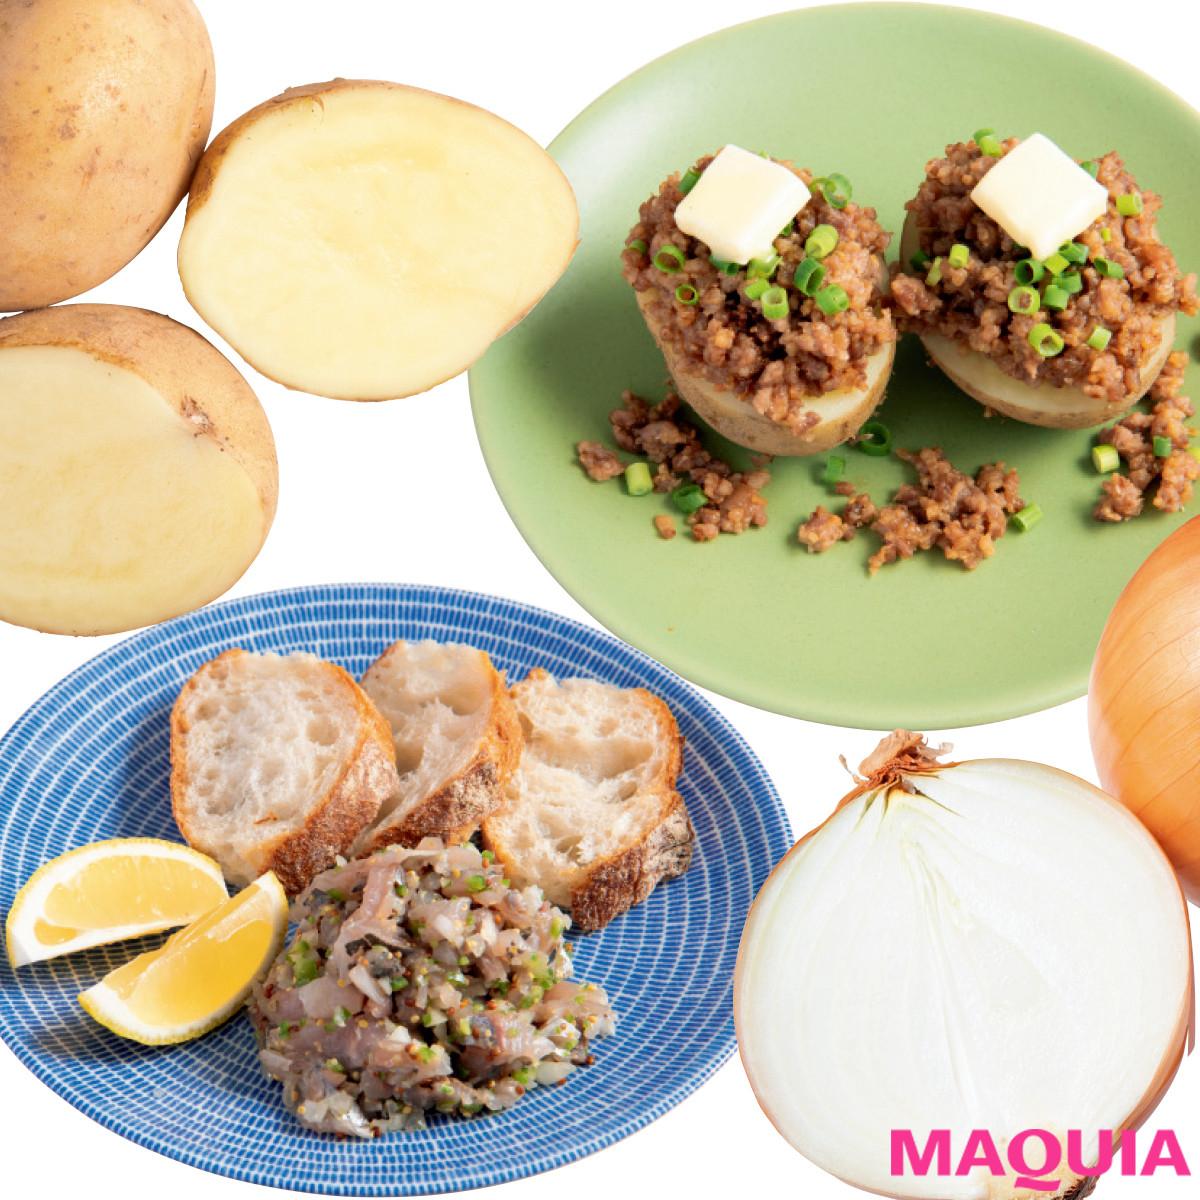 ほうれんそうはレンチンが◎ ニンジンは皮ごと! 野菜の栄養を活かす調理法TIPS